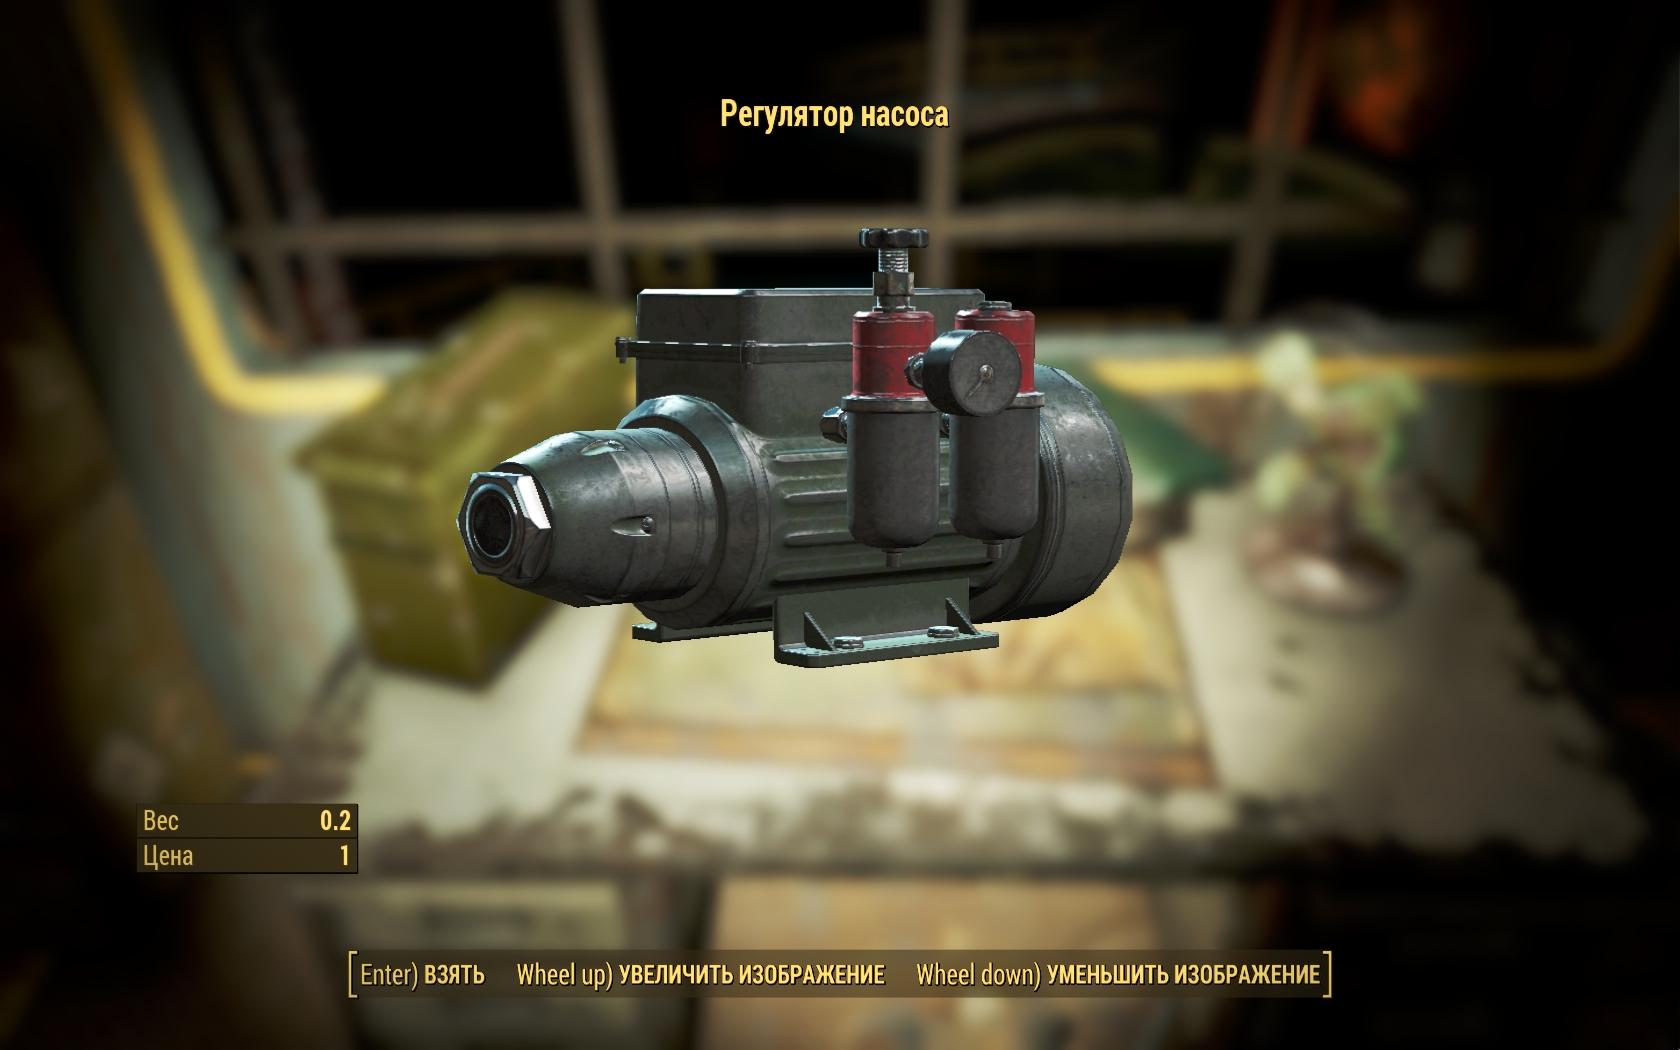 Регулятор насоса (Фар-Харбор) - Fallout 4 Омовение, Регулятор насоса